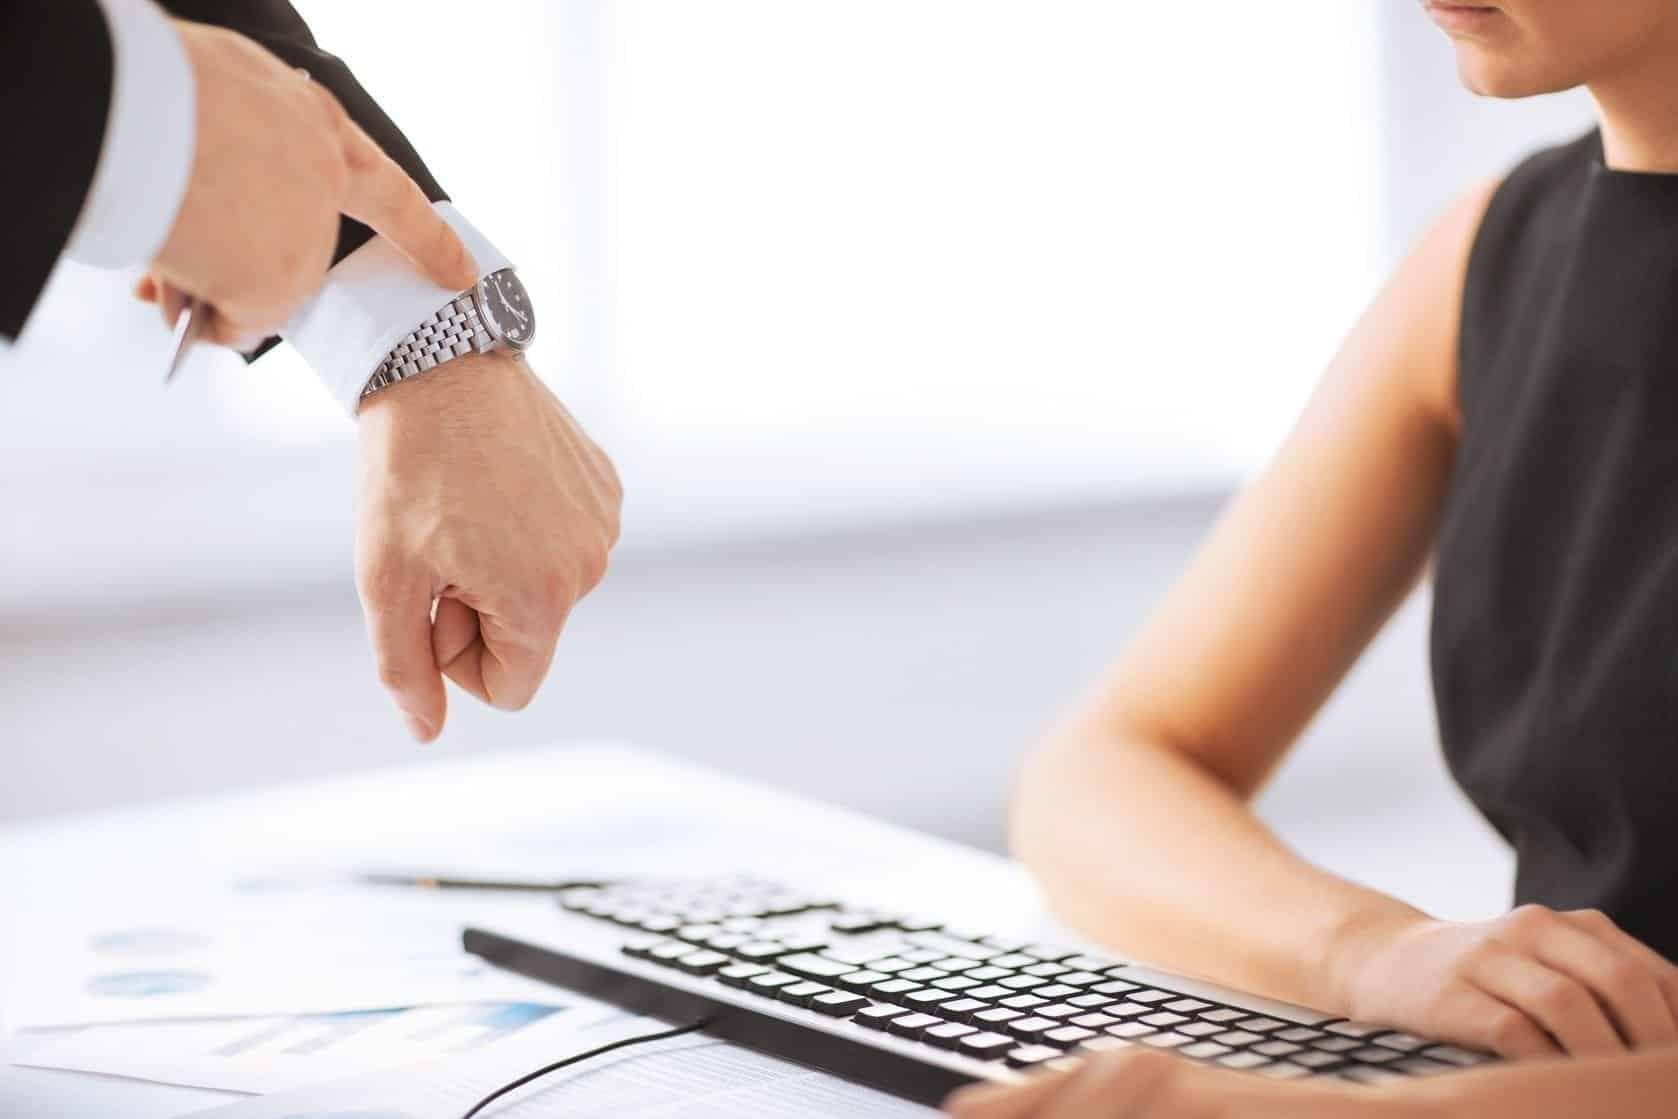 Срок давности по взысканию кредитной задолженности